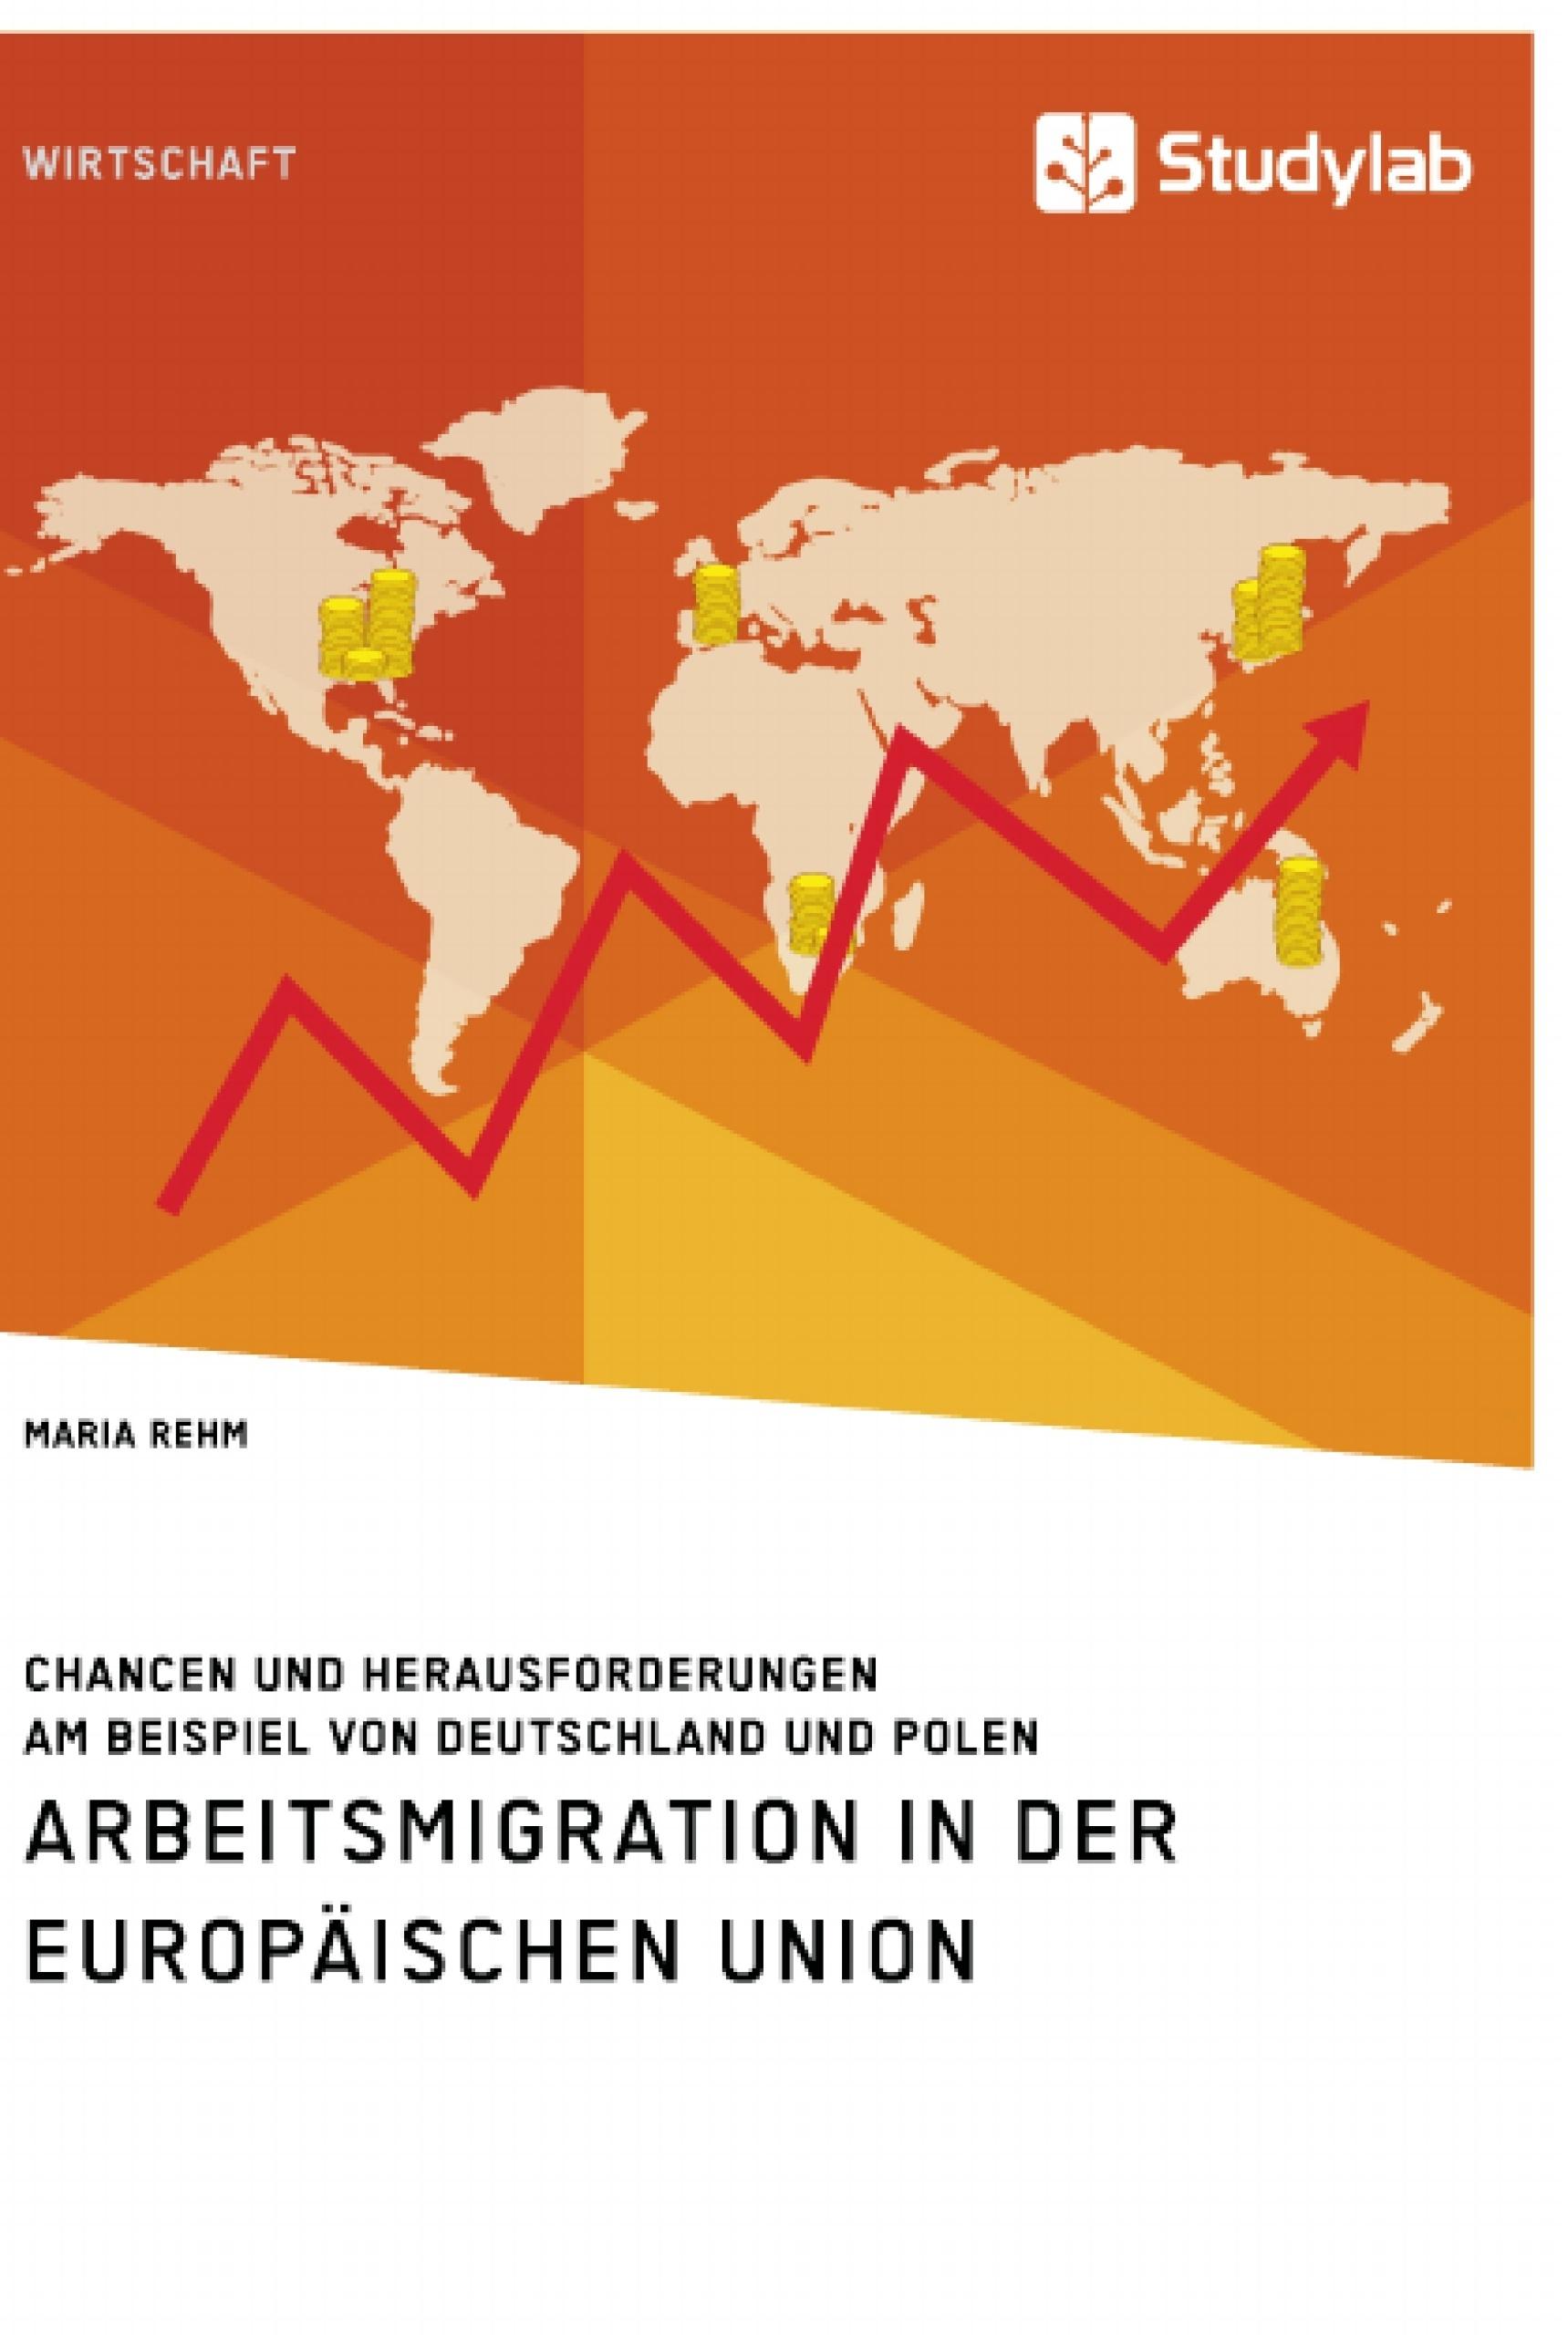 Titel: Arbeitsmigration in der Europäischen Union. Chancen und Herausforderungen am Beispiel von Deutschland und Polen